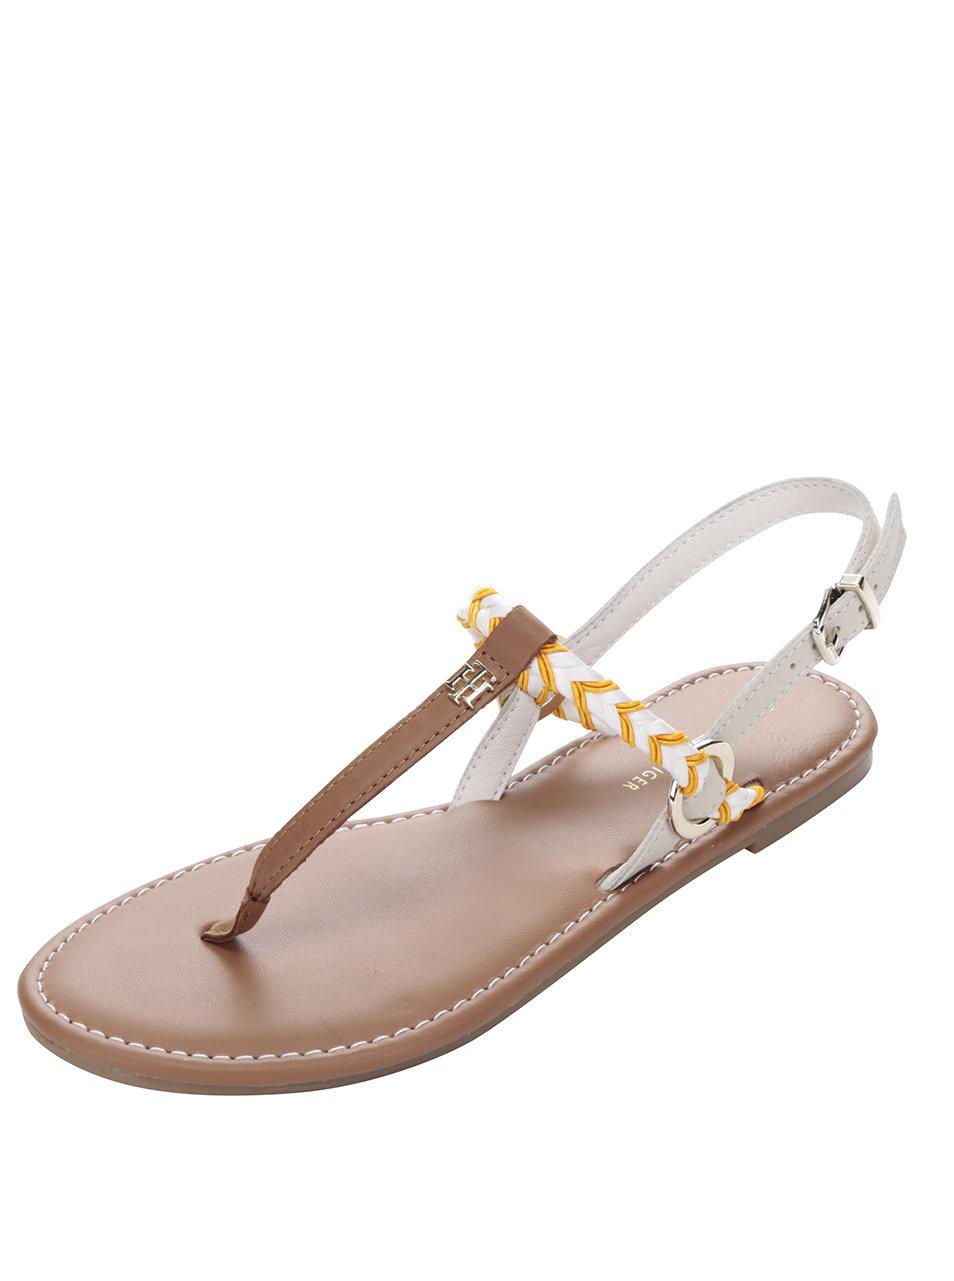 Oranžovo-krémové dámske sandále Tommy Hilfiger ... 49198196dc9